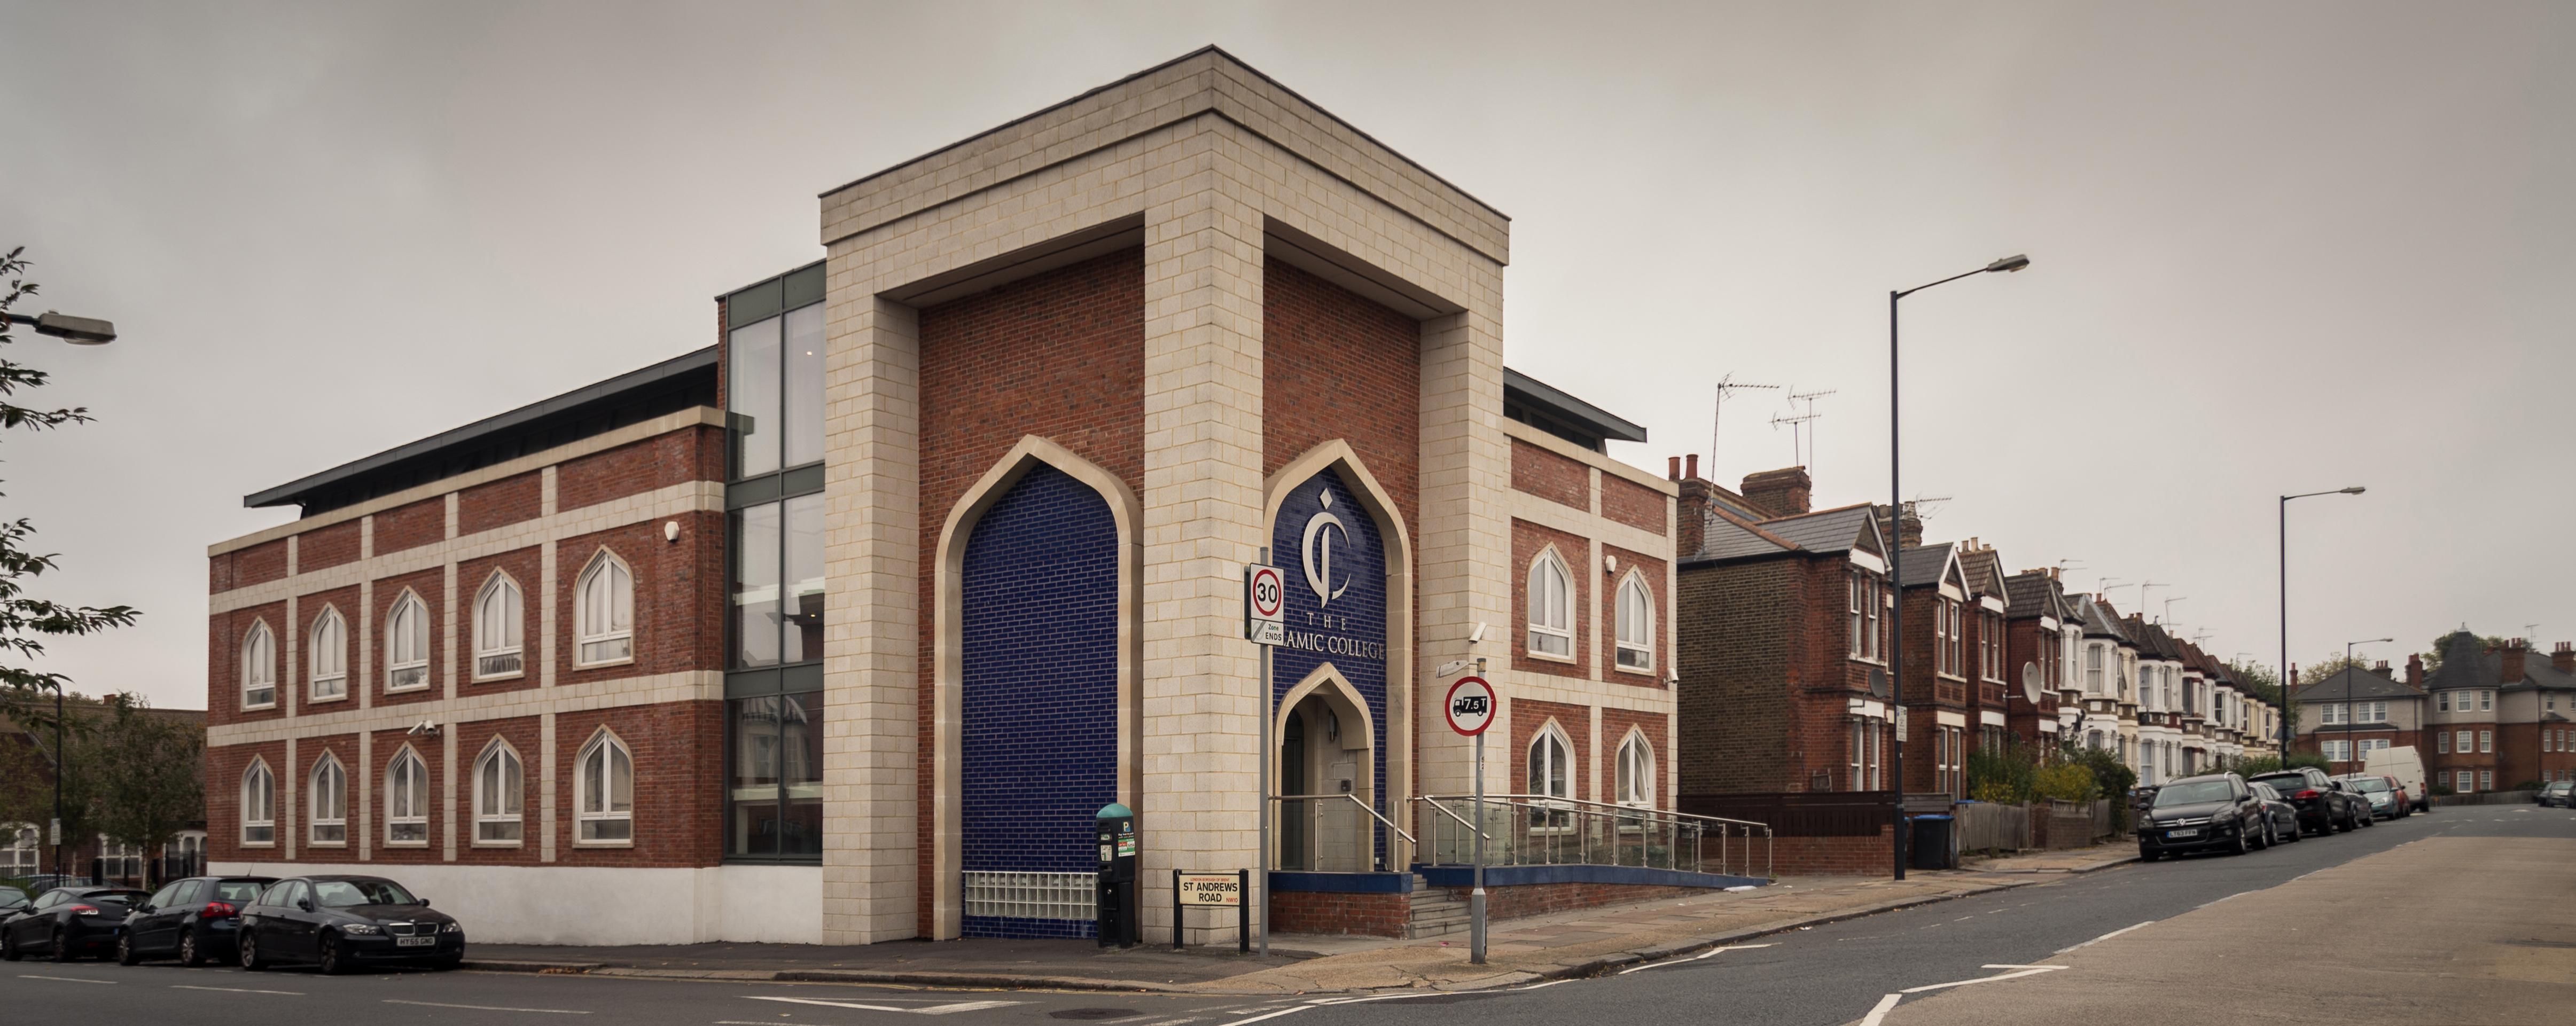 BA (Hons) Islamic Studies | The Islamic College